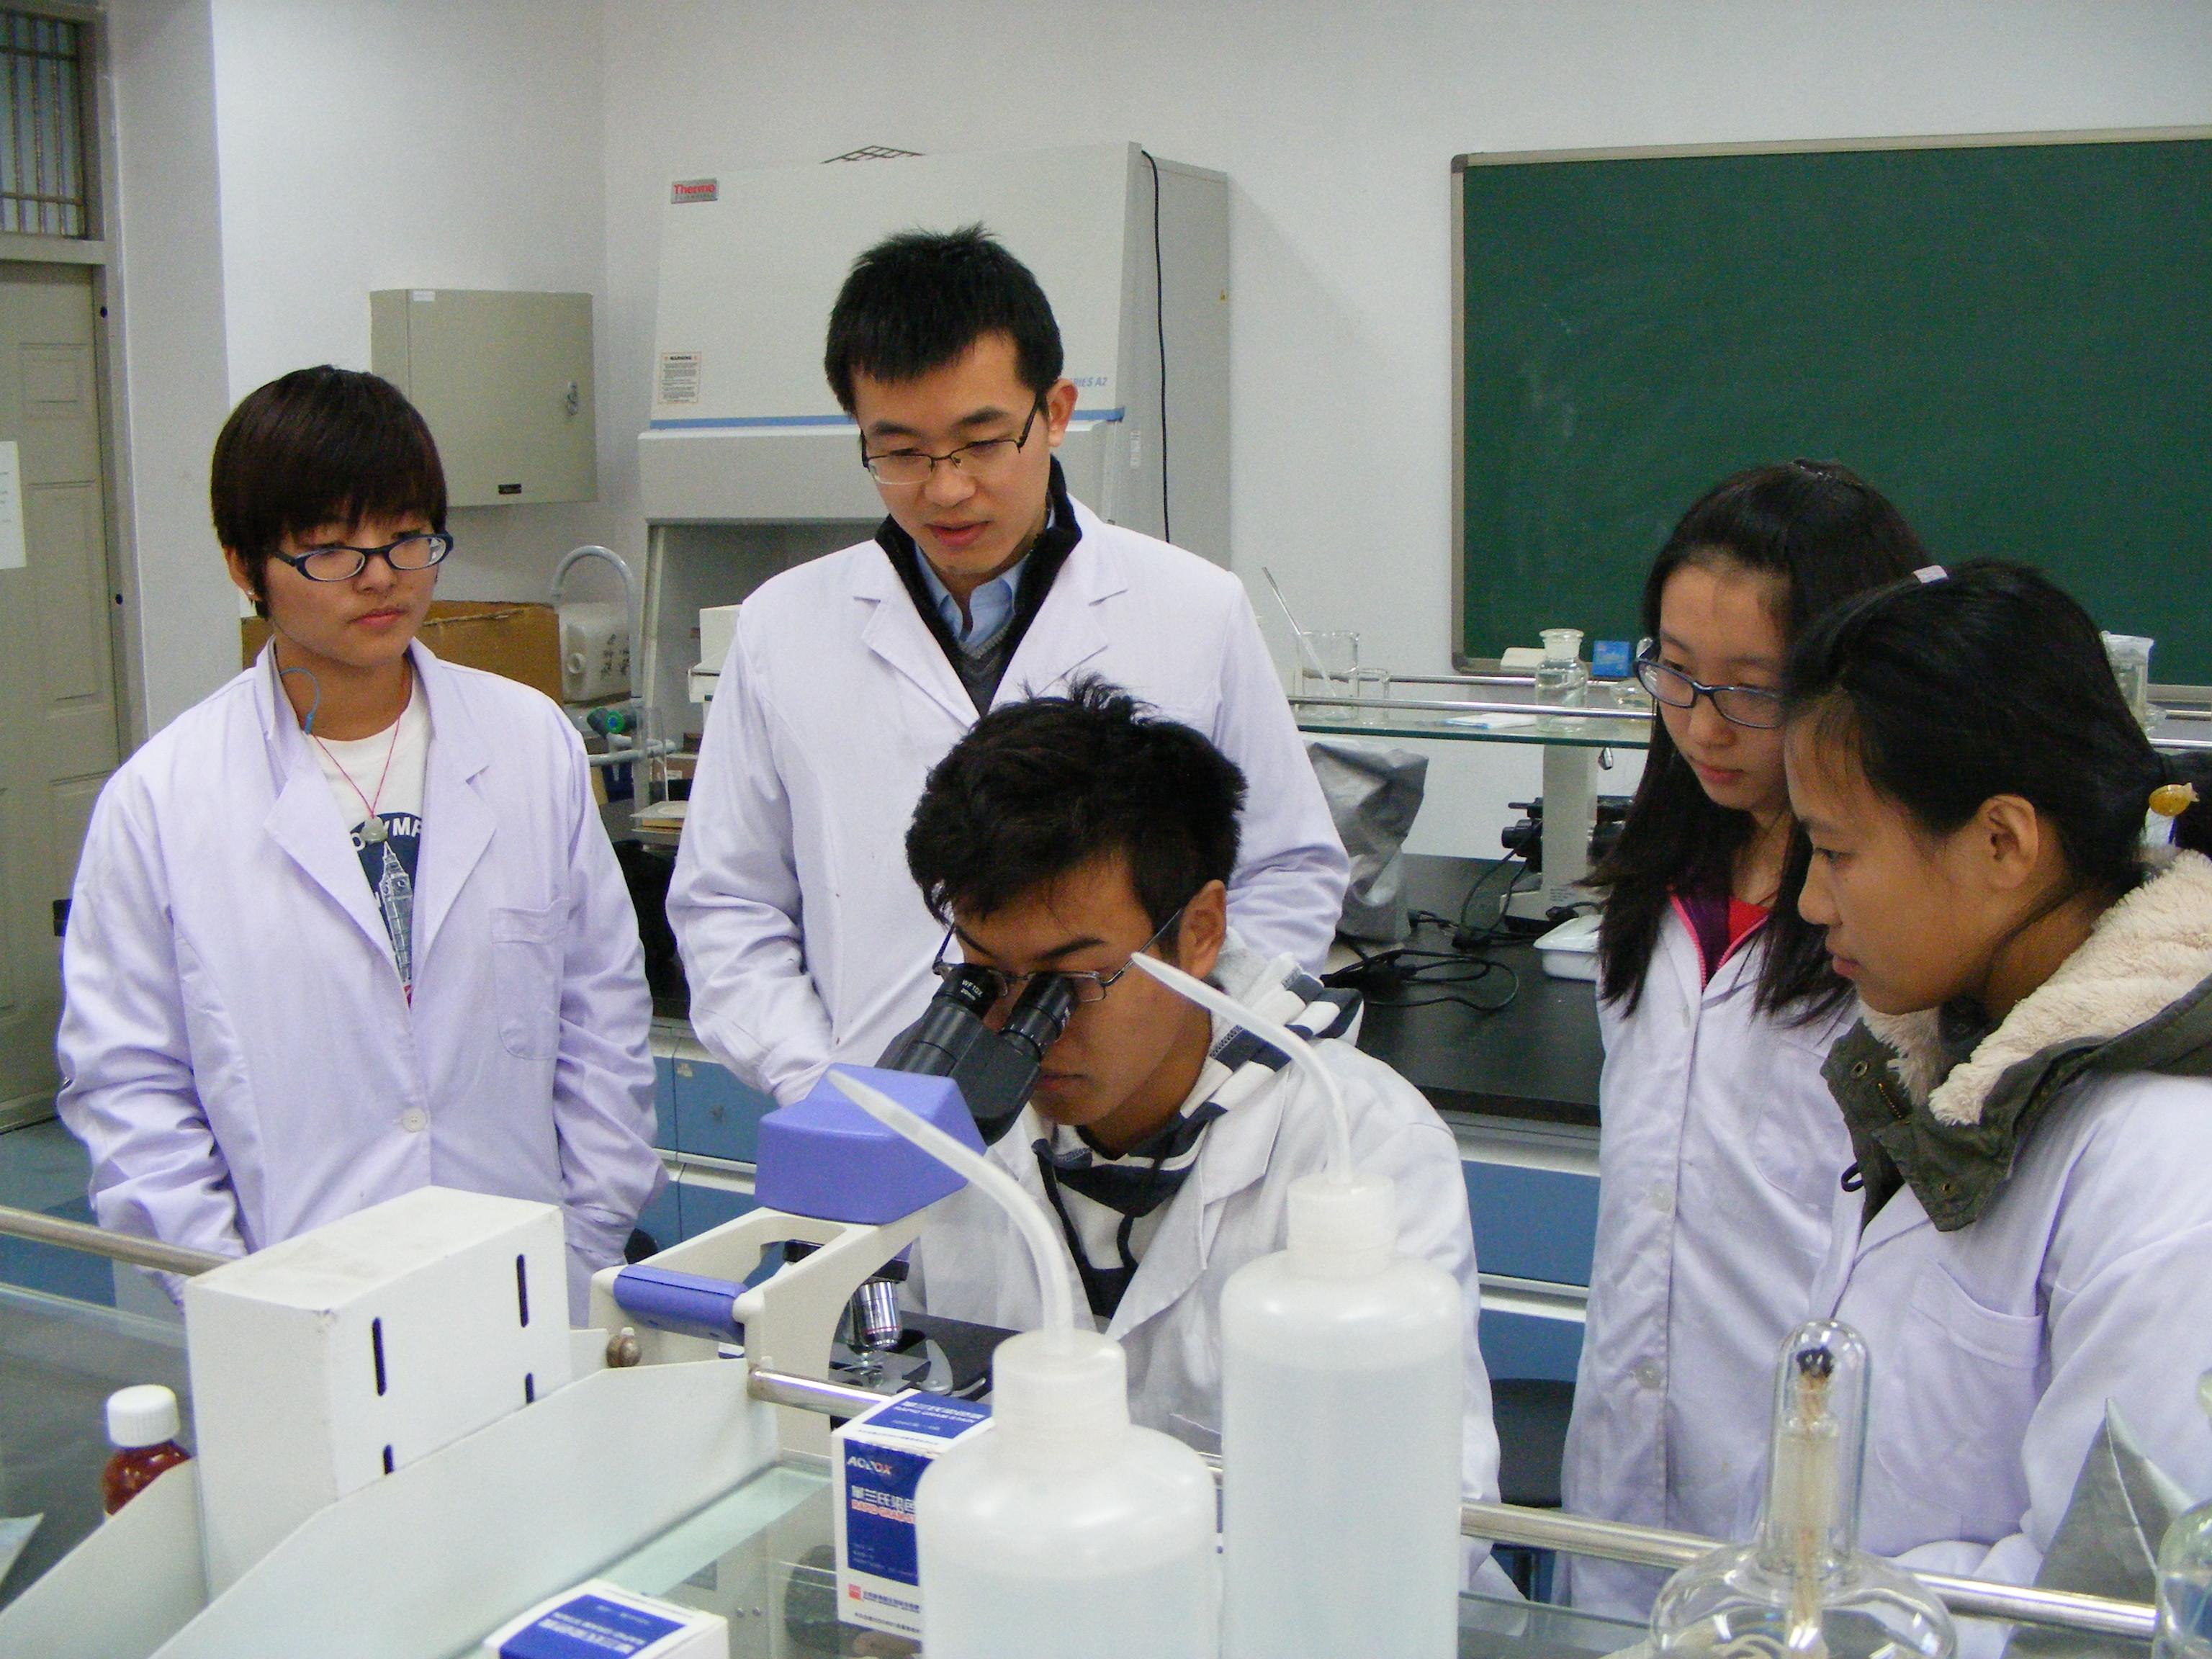 程翔副教授指导《环境工程微生物学》实验